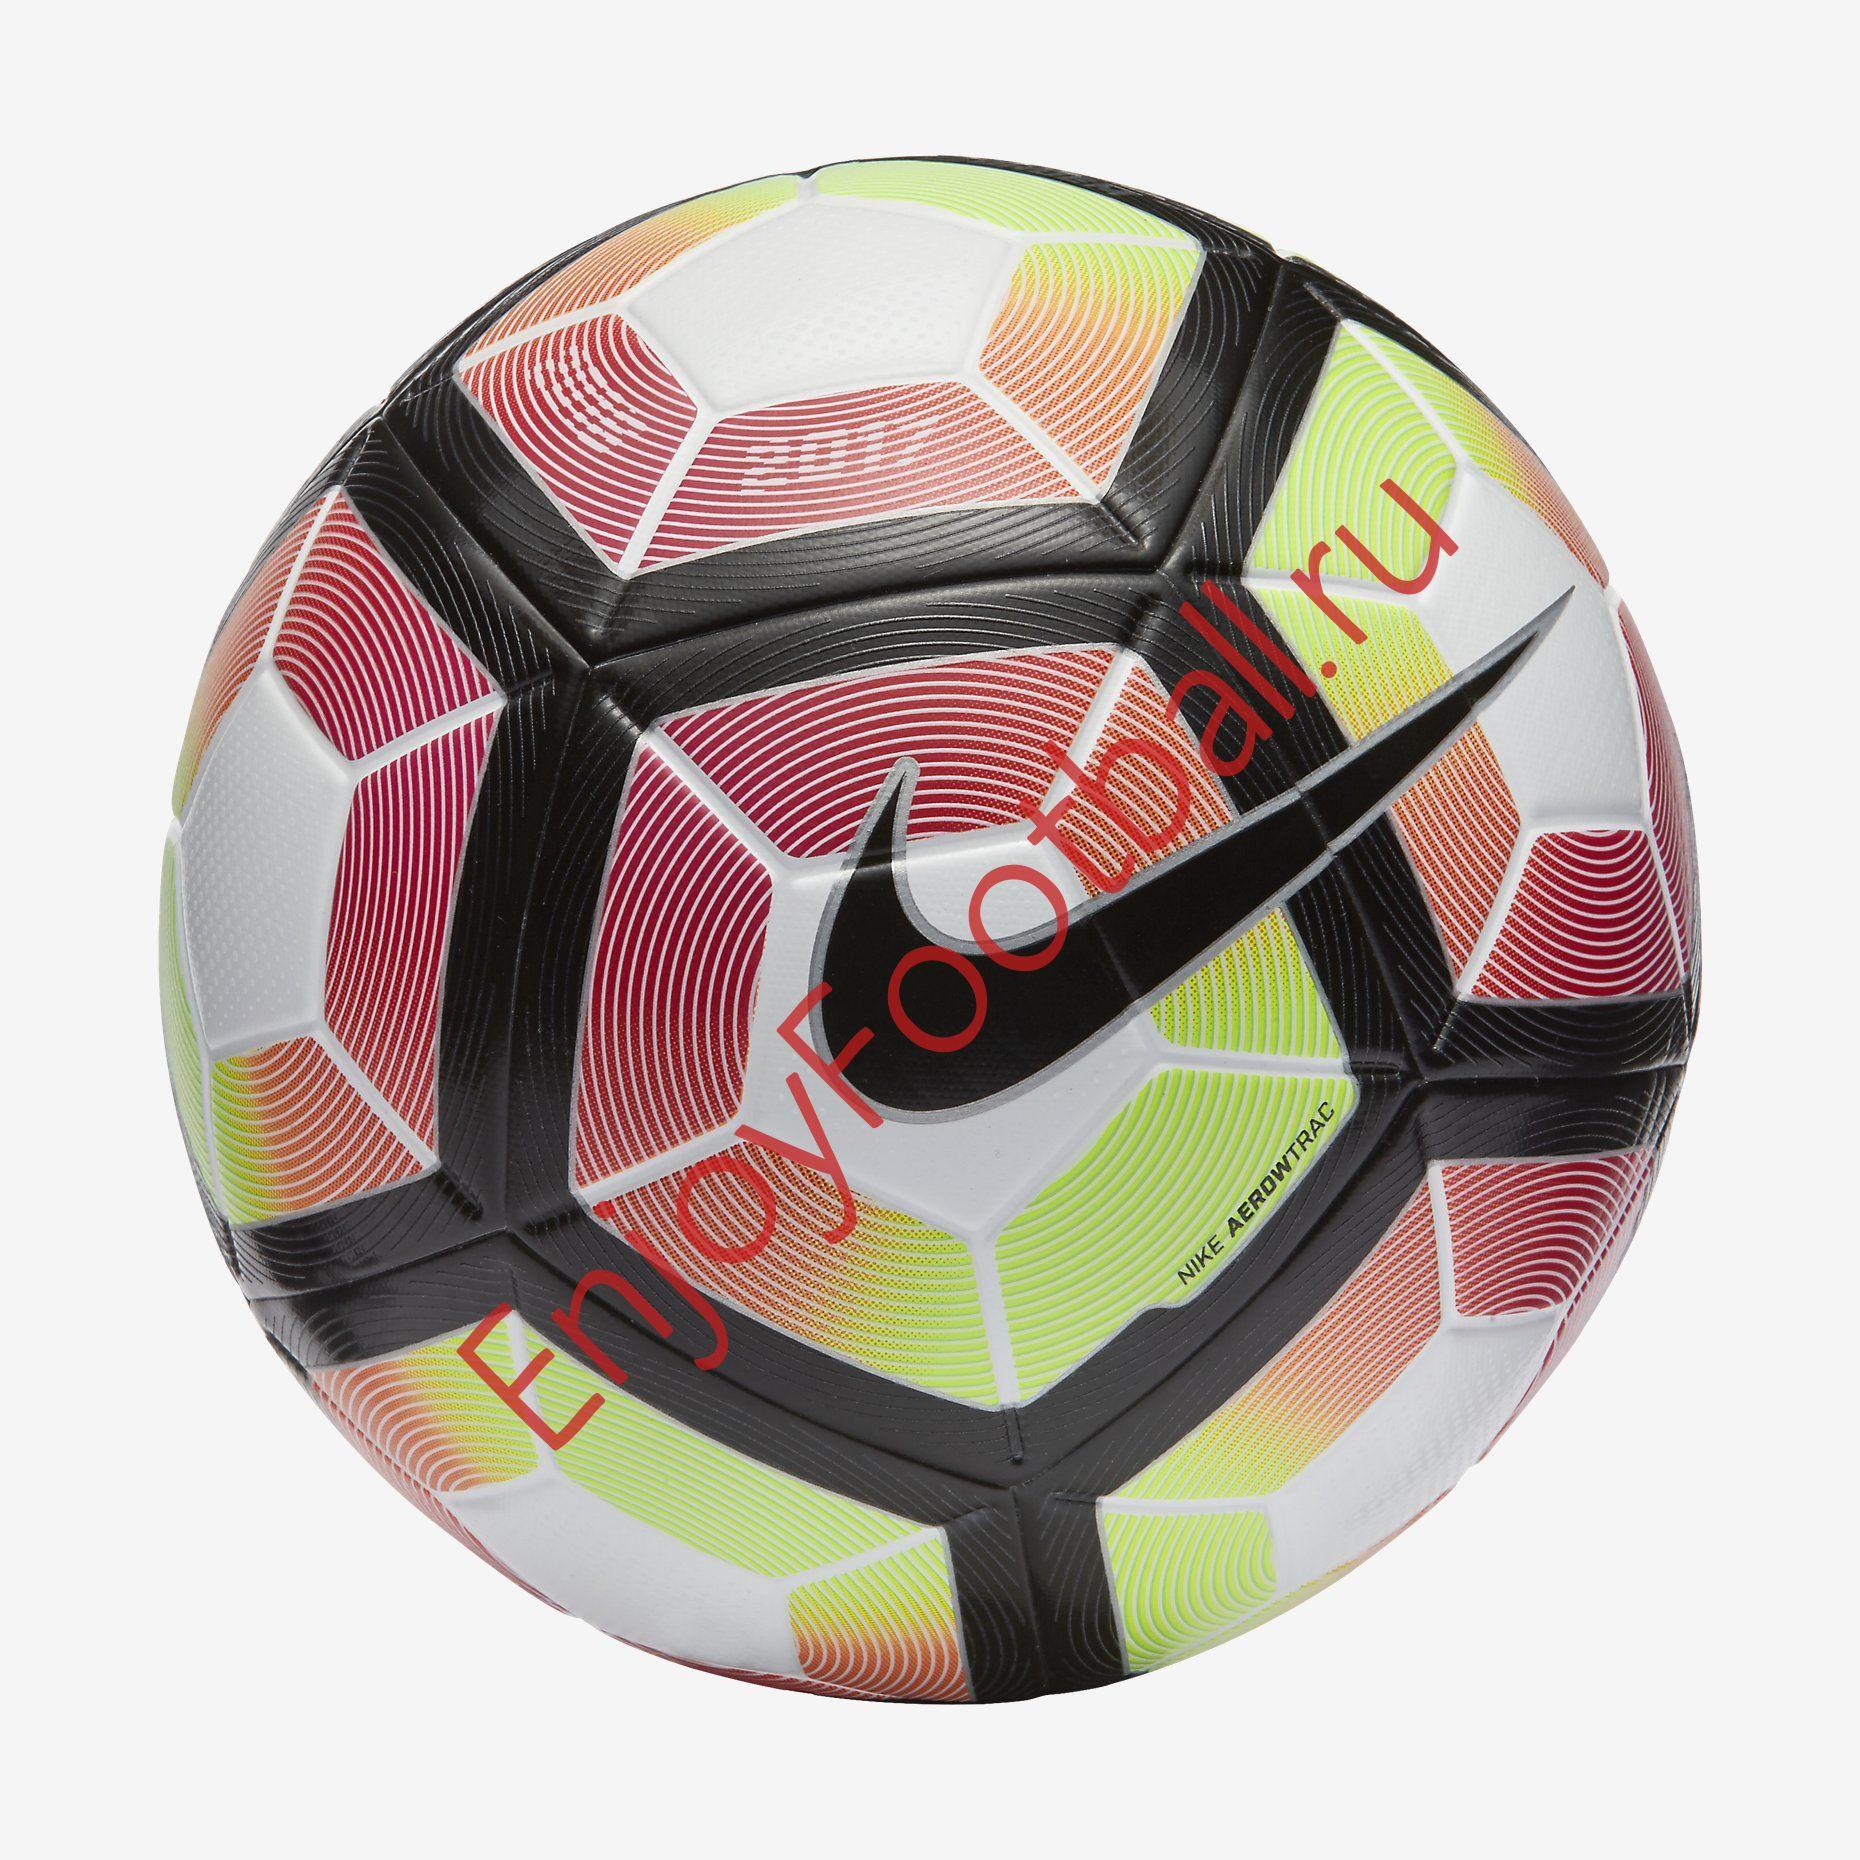 Футбольный мяч NIKE ORDEM 4 SC2943-100 купить в интернет-магазине ... 183770ab4138b